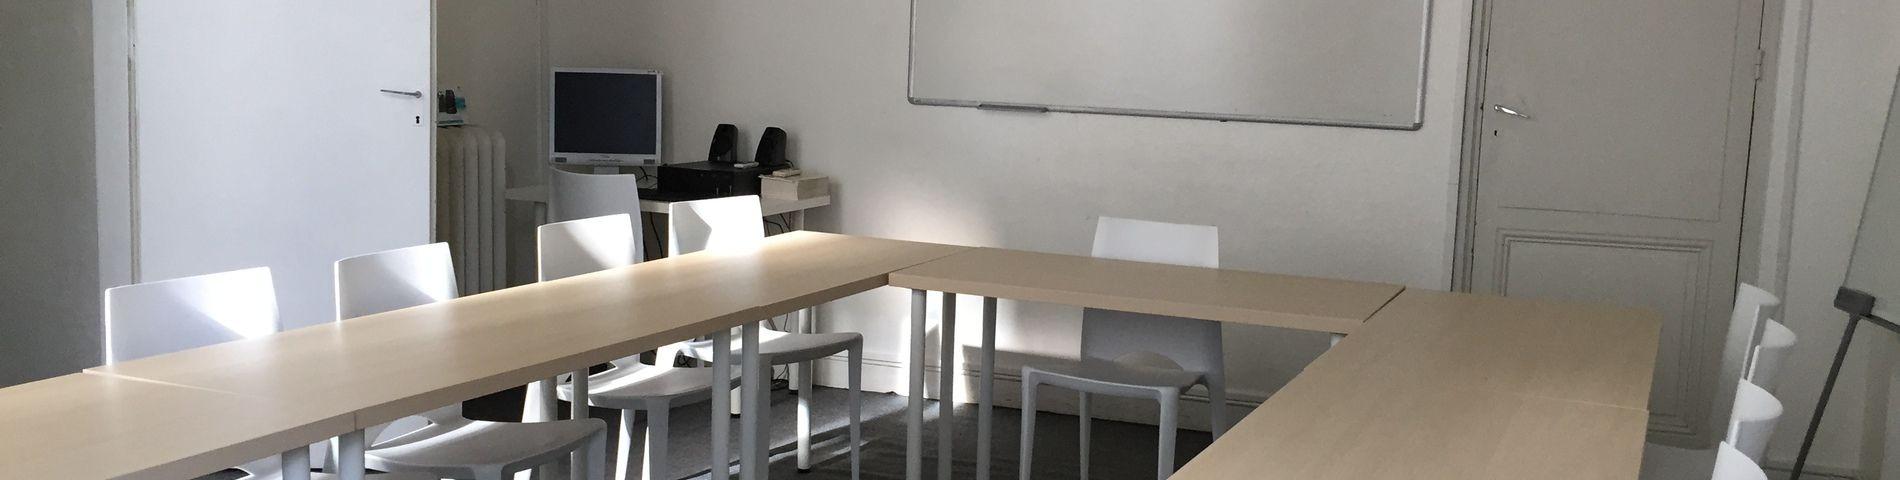 france langue 76. Black Bedroom Furniture Sets. Home Design Ideas